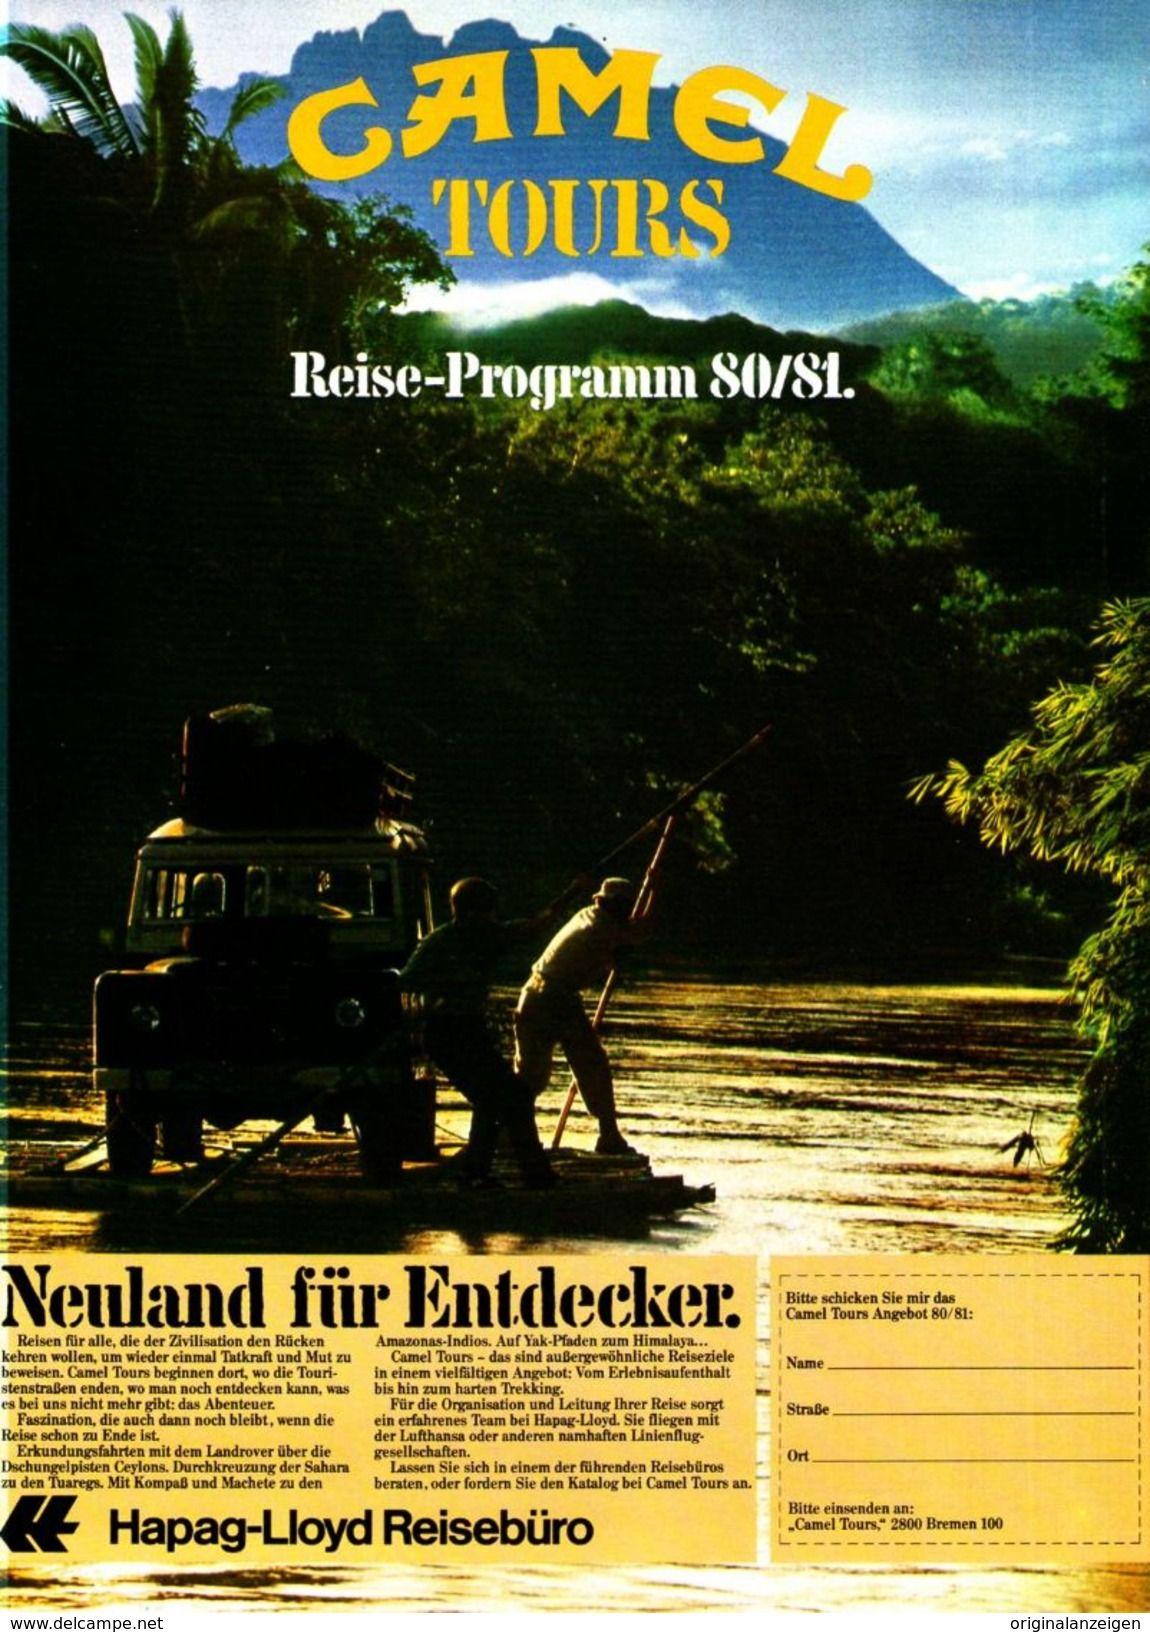 Kostenloser Versand außergewöhnliche Farbpalette außergewöhnliche Auswahl an Stilen Original-Werbung/ Anzeige 1980 - CAMEL TOURS / HAPAG-LLOYD ...